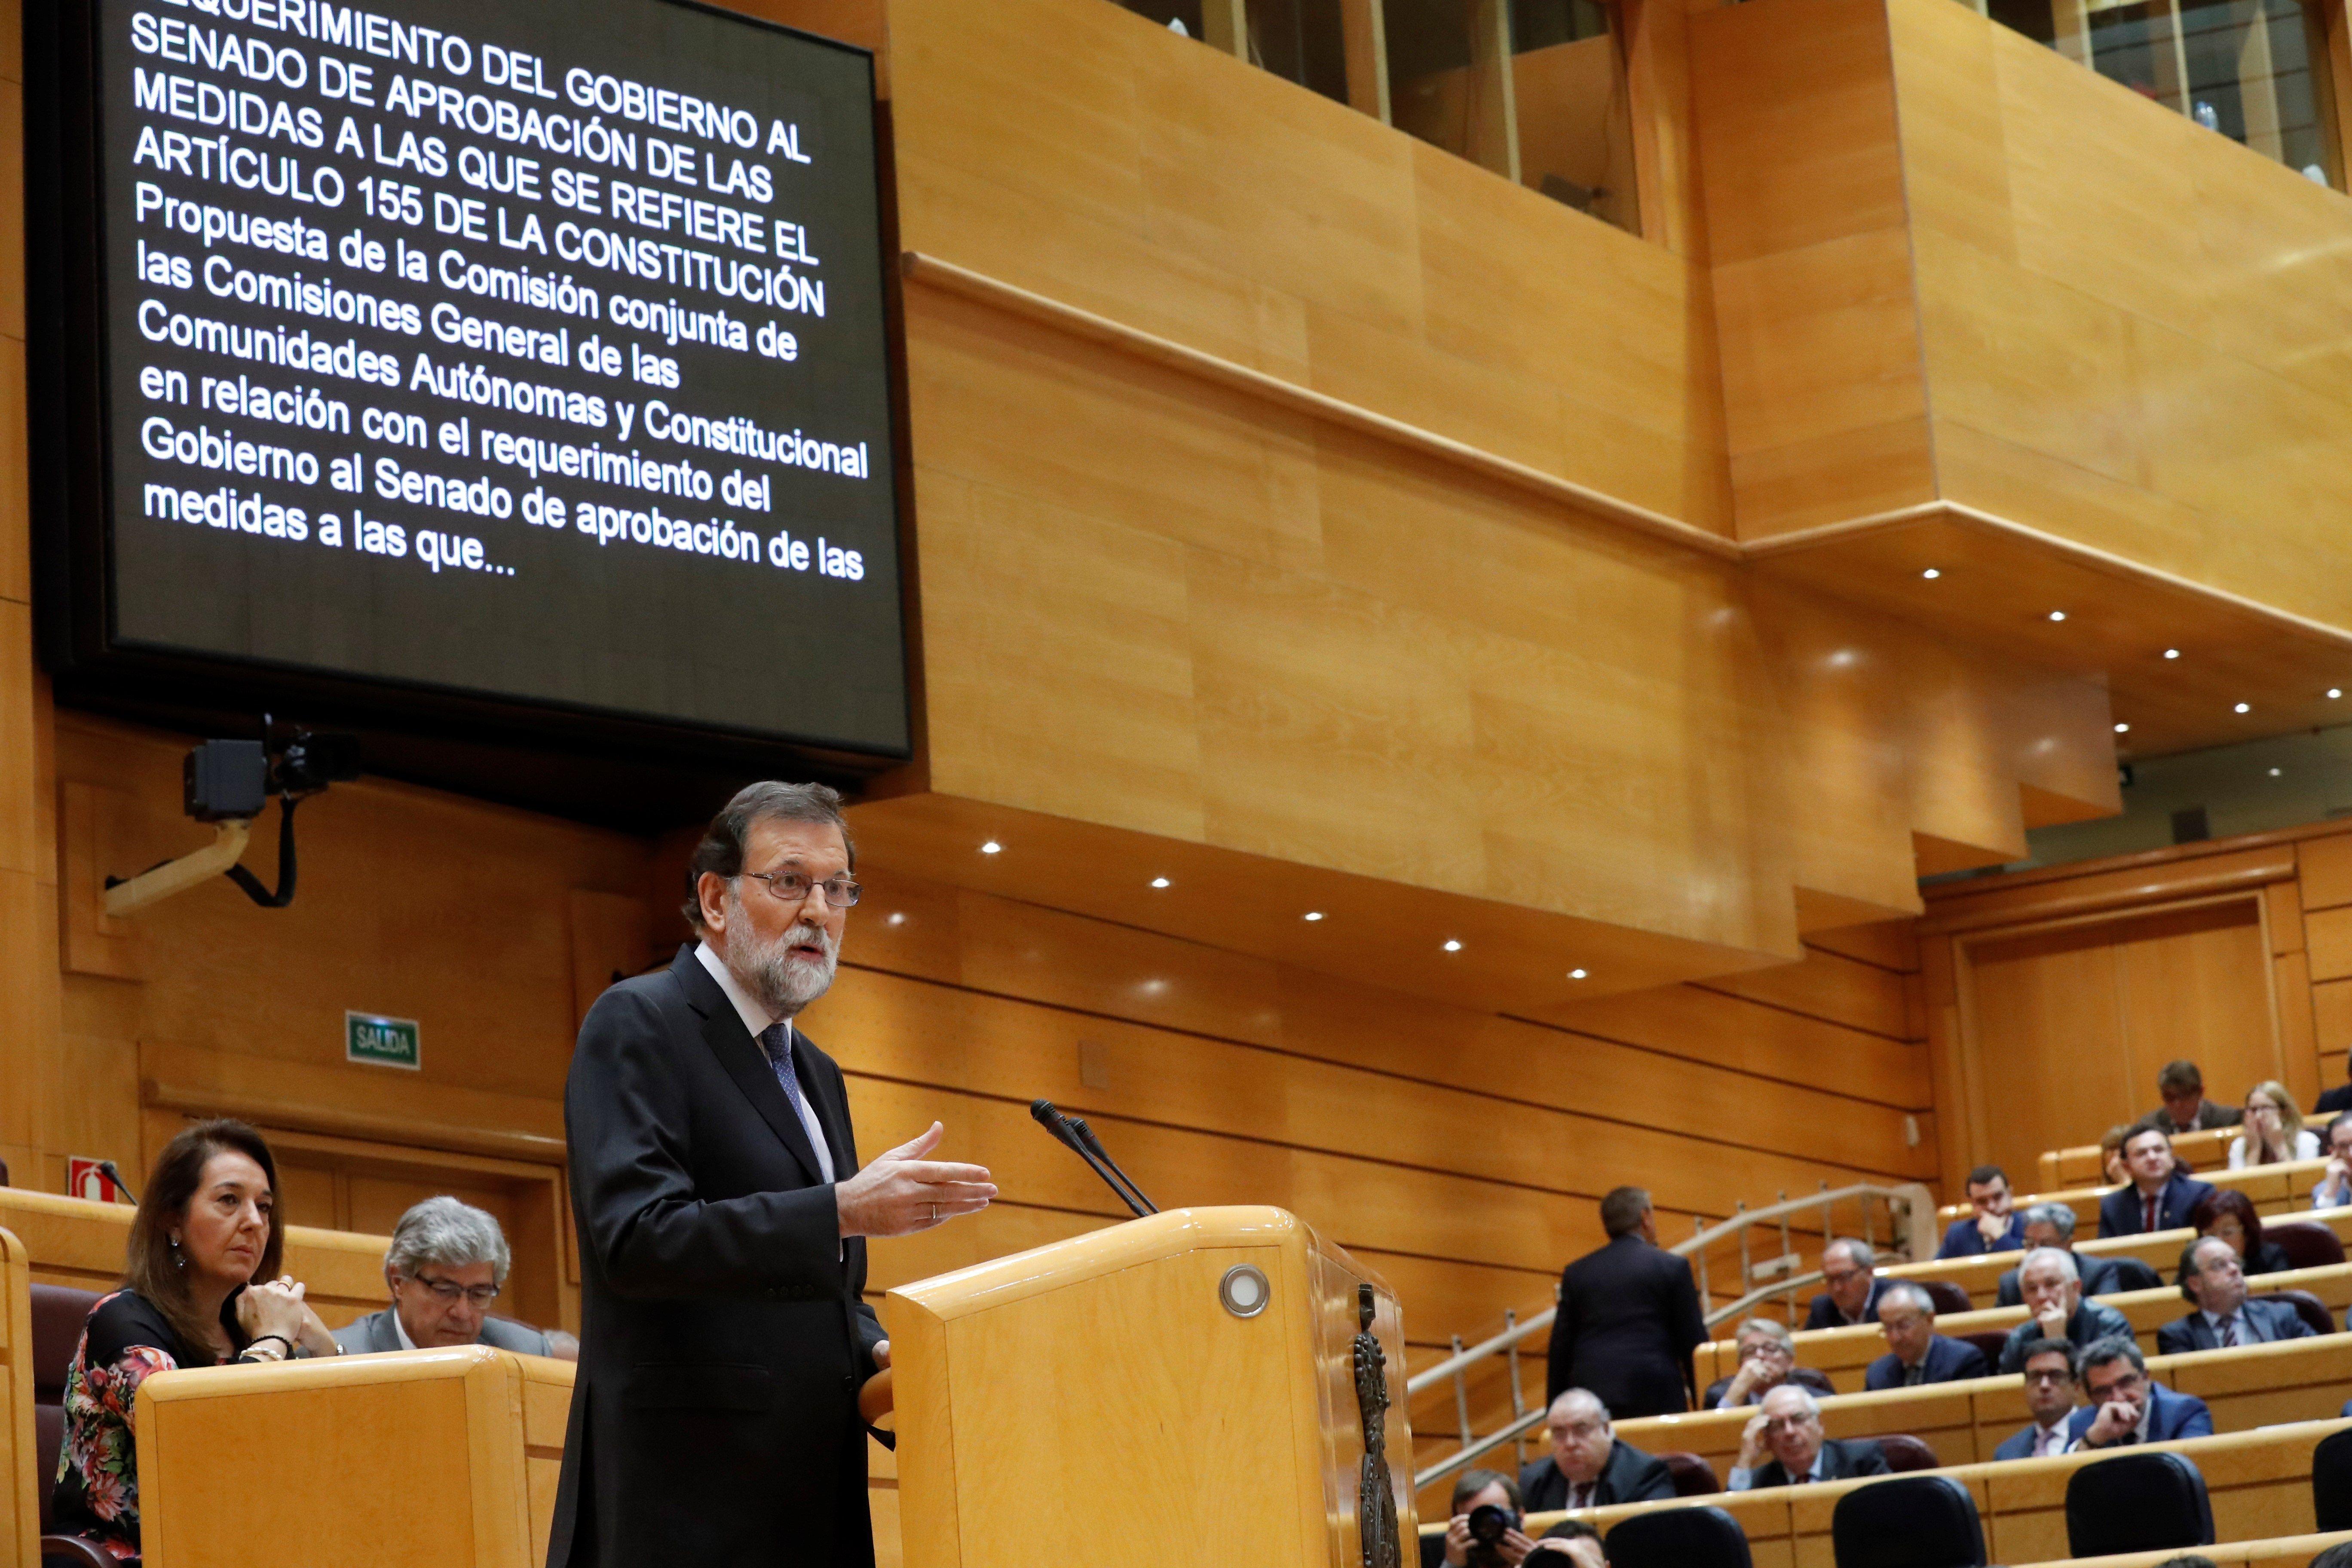 El president del govern, Mariano Rajoy, durant la seva intervenció en el ple extraordinari del Senat. /EFE